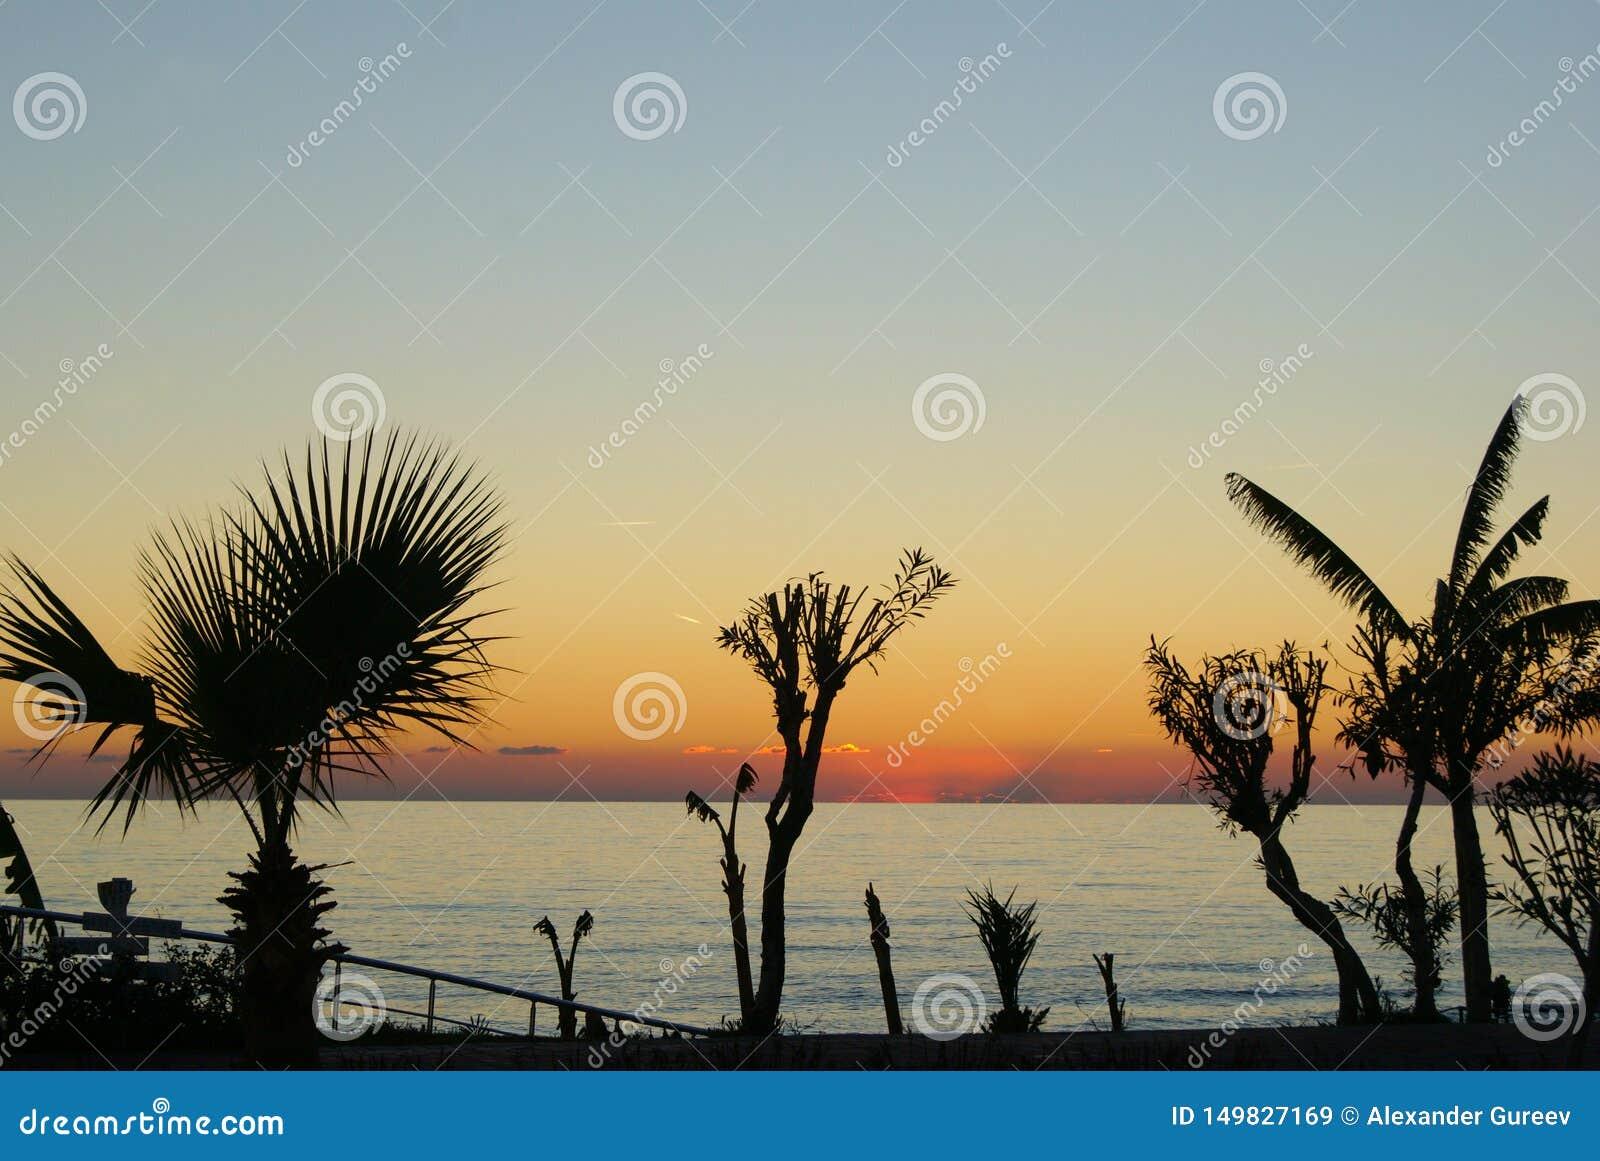 Sylwetki drzewka palmowe przeciw zmierzchowi